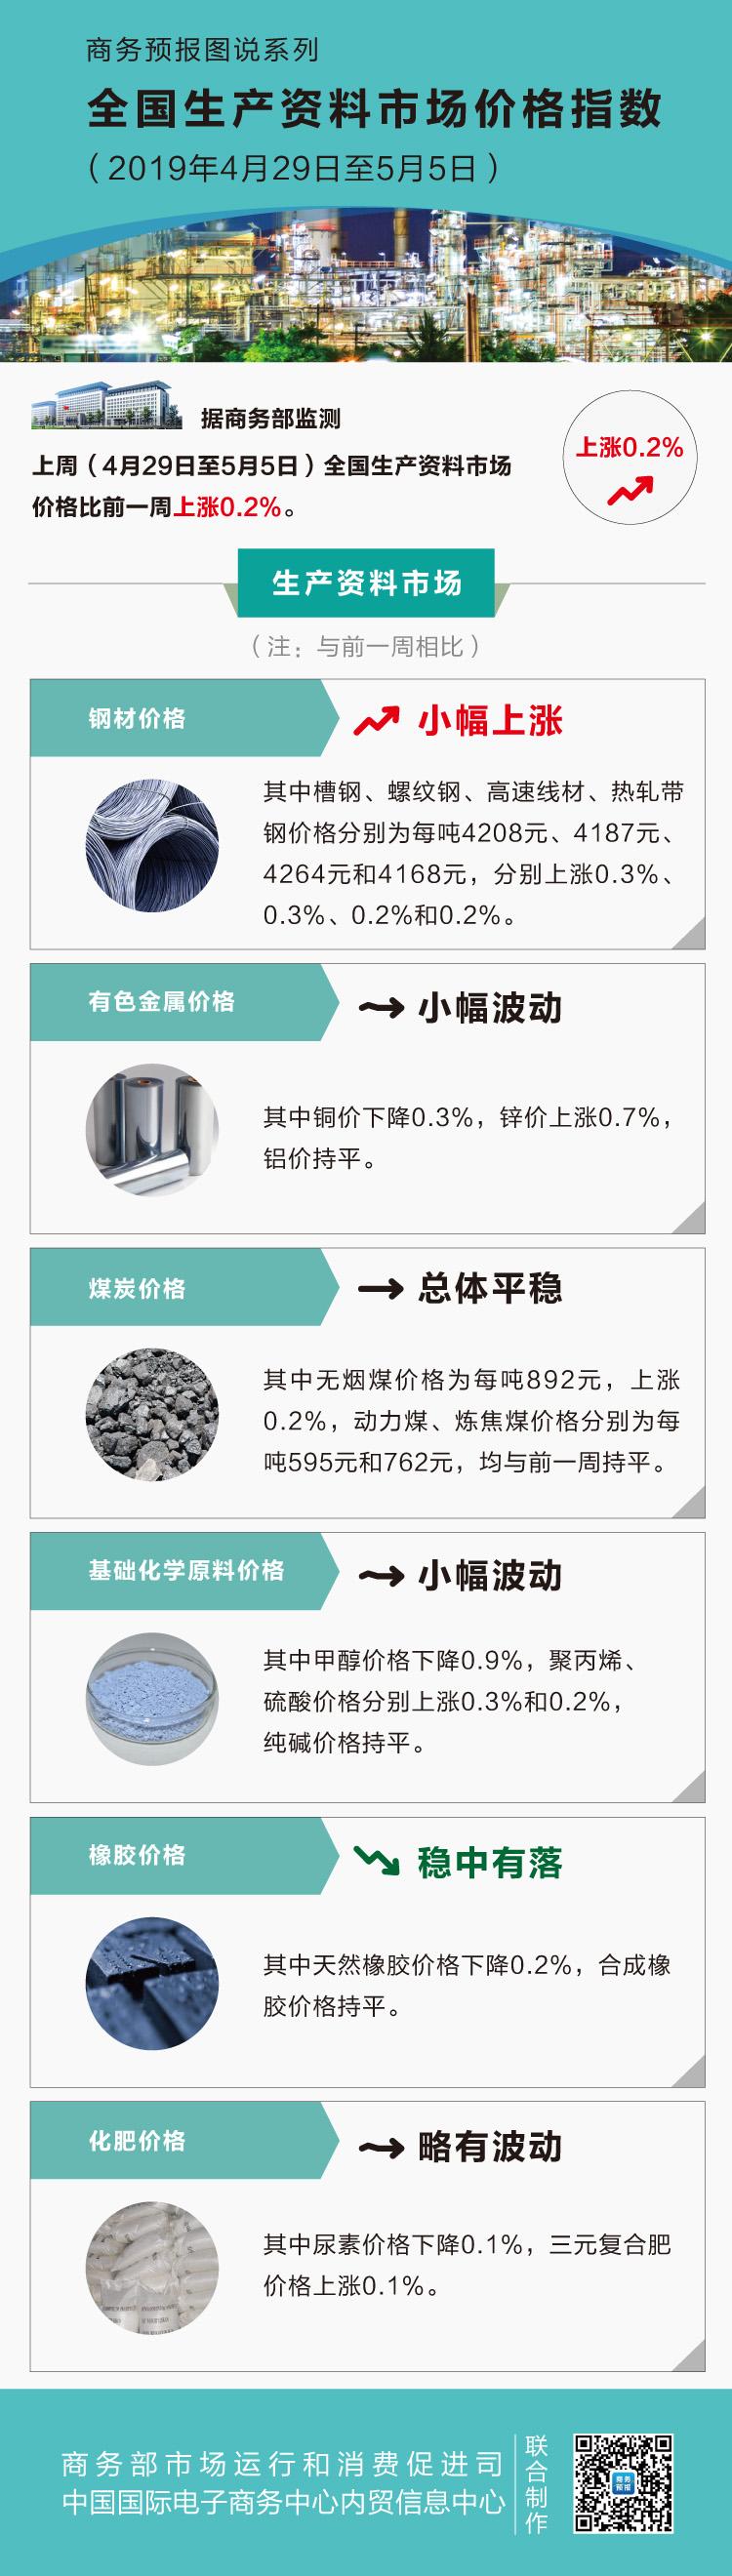 五月第一周生产资料价格小幅上涨 锌上涨0.7%